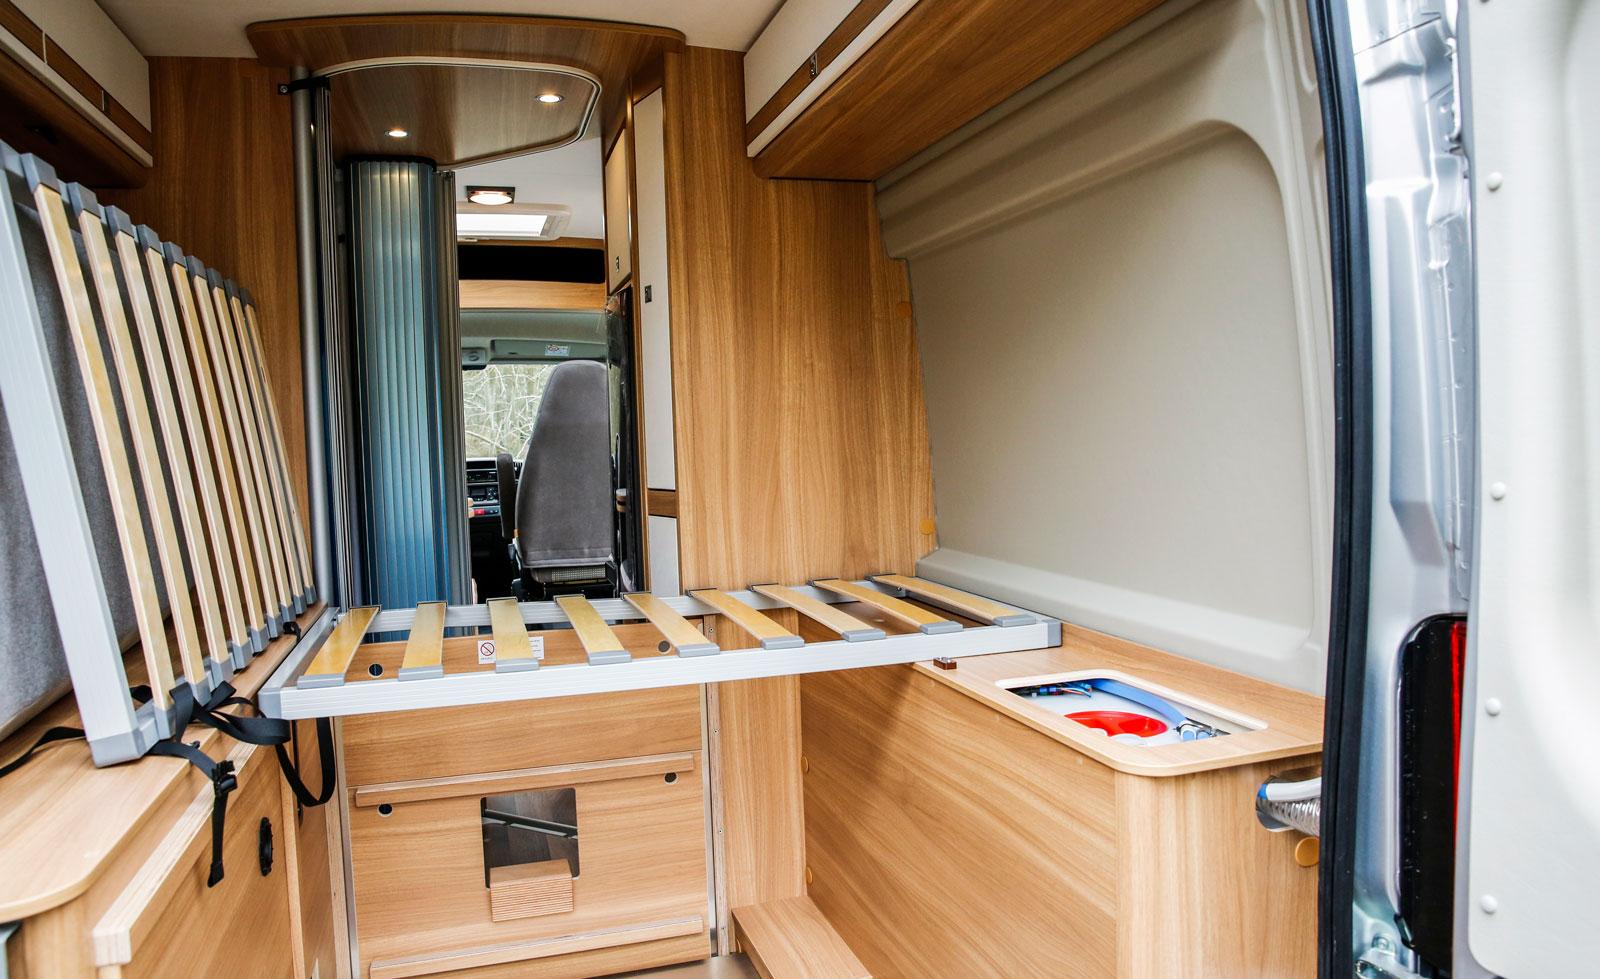 Genom att lyfta bort sängen kan man använda Pössl Roadstar 600 W som flyttbuss.